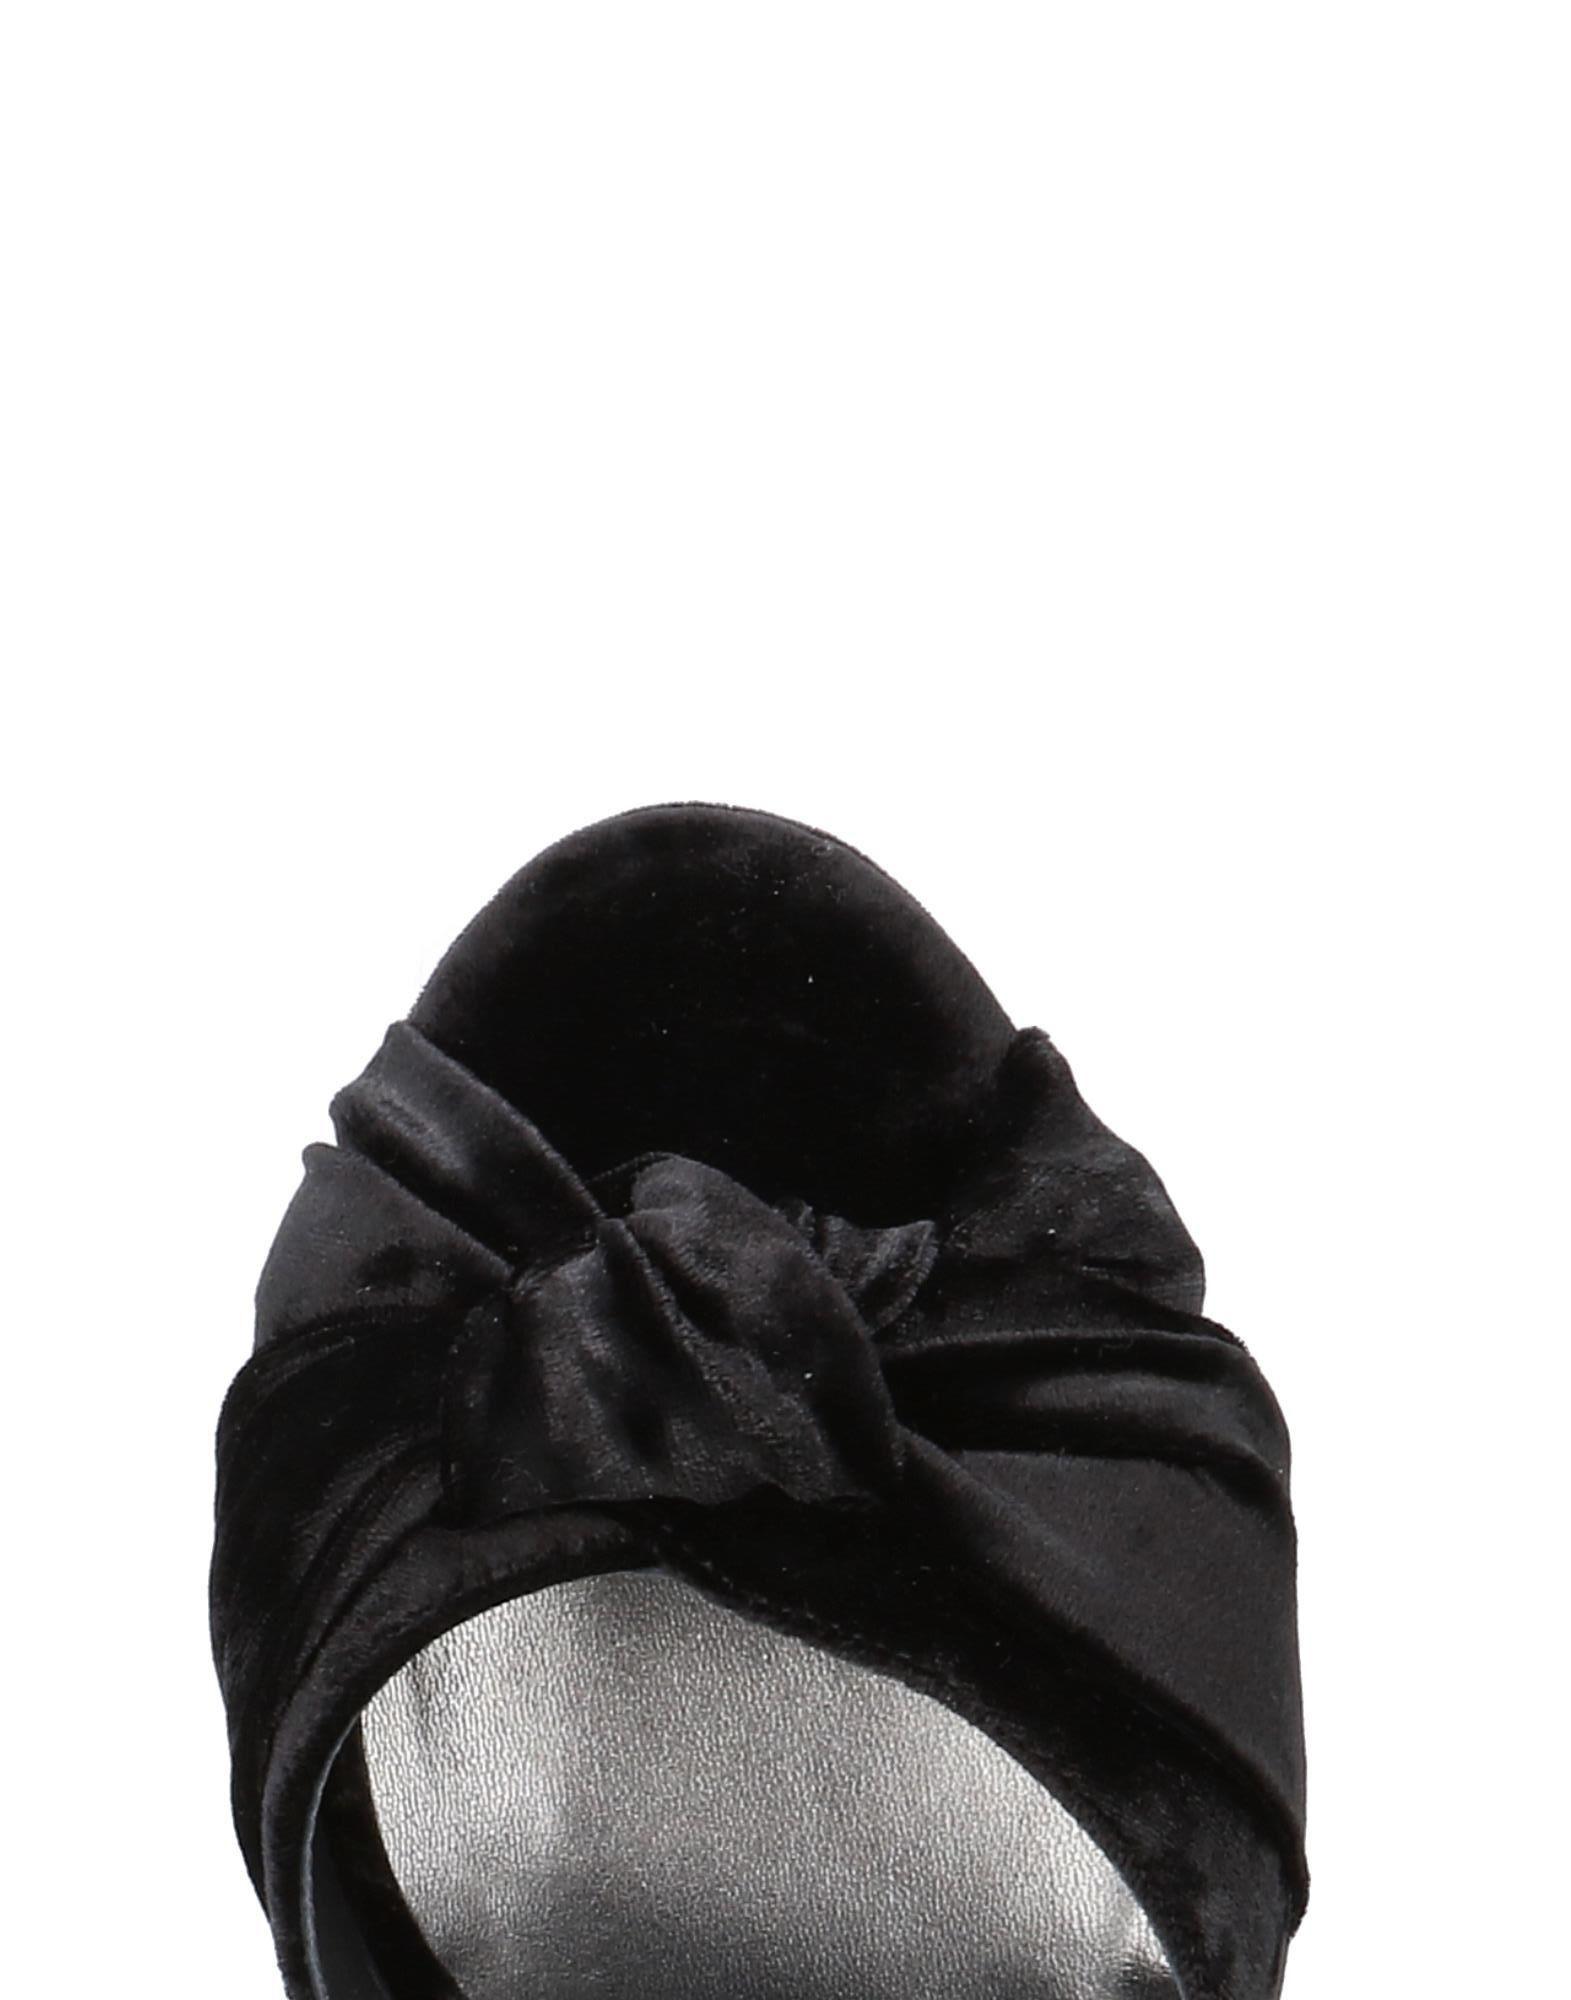 Anna F. Sandalen Damen beliebte  11500701KI Gute Qualität beliebte Damen Schuhe 8e166f